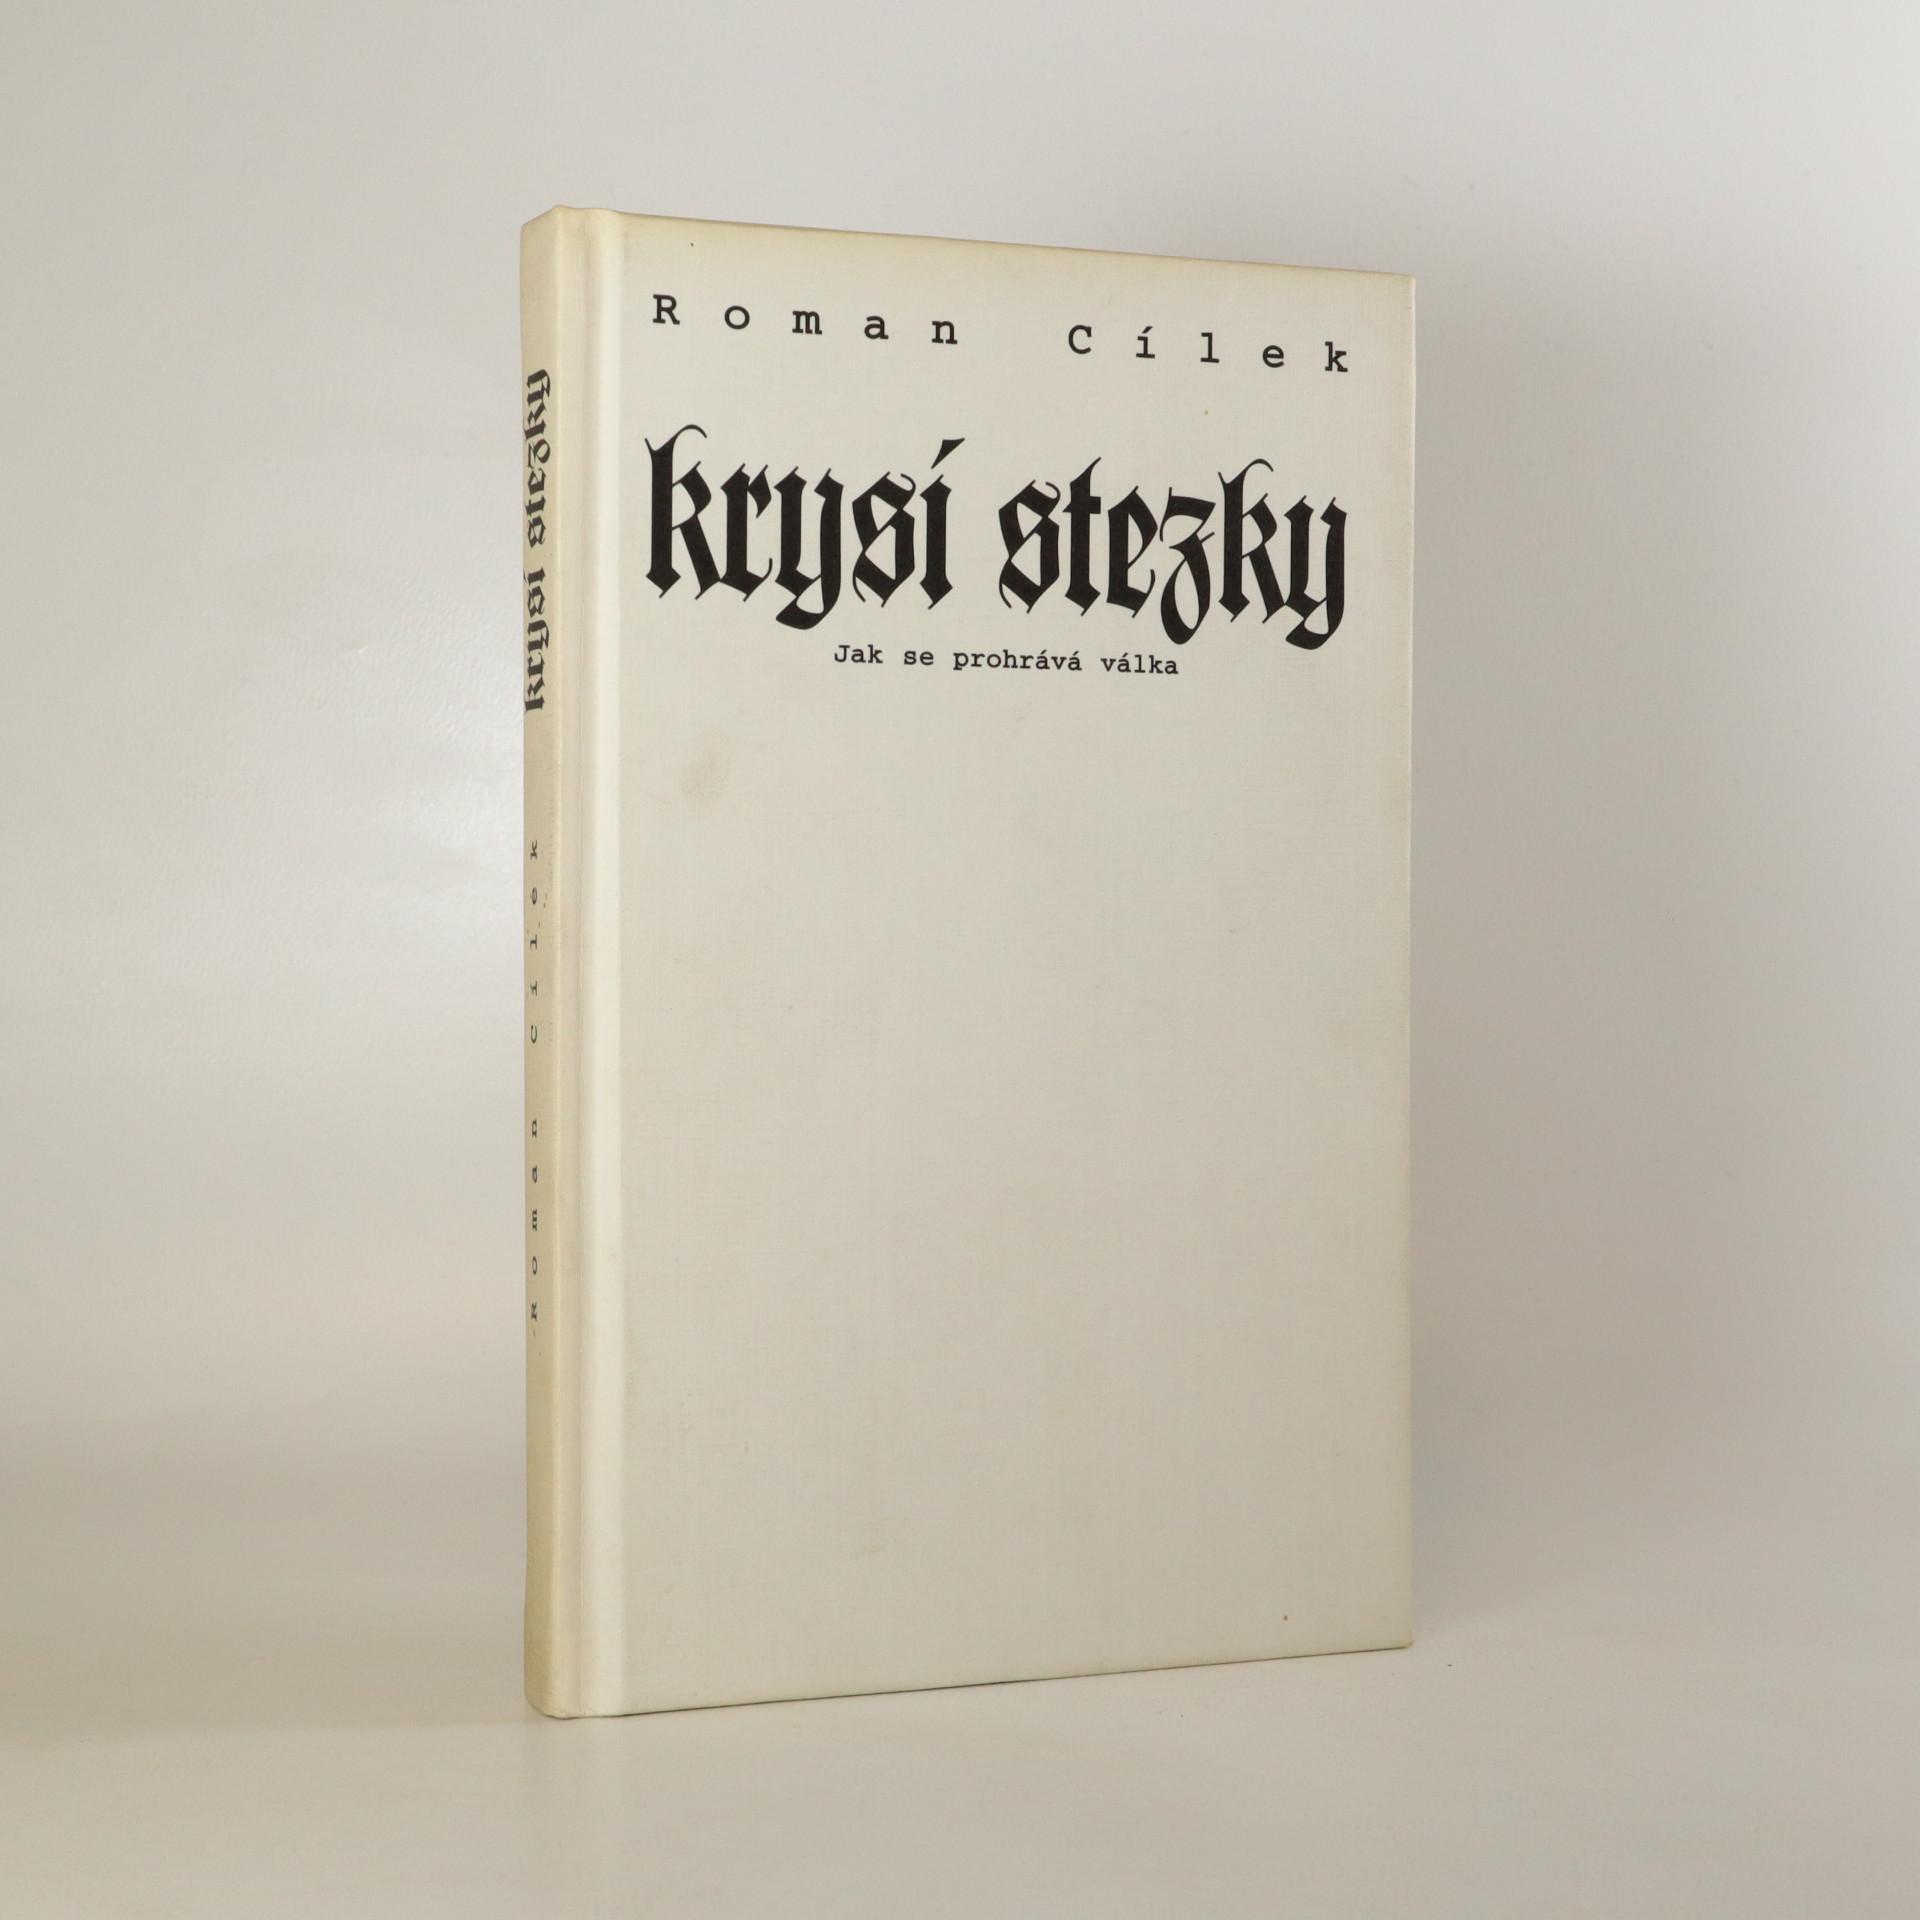 antikvární kniha Krysí stezky aneb Jak se prohrává válka, 1996